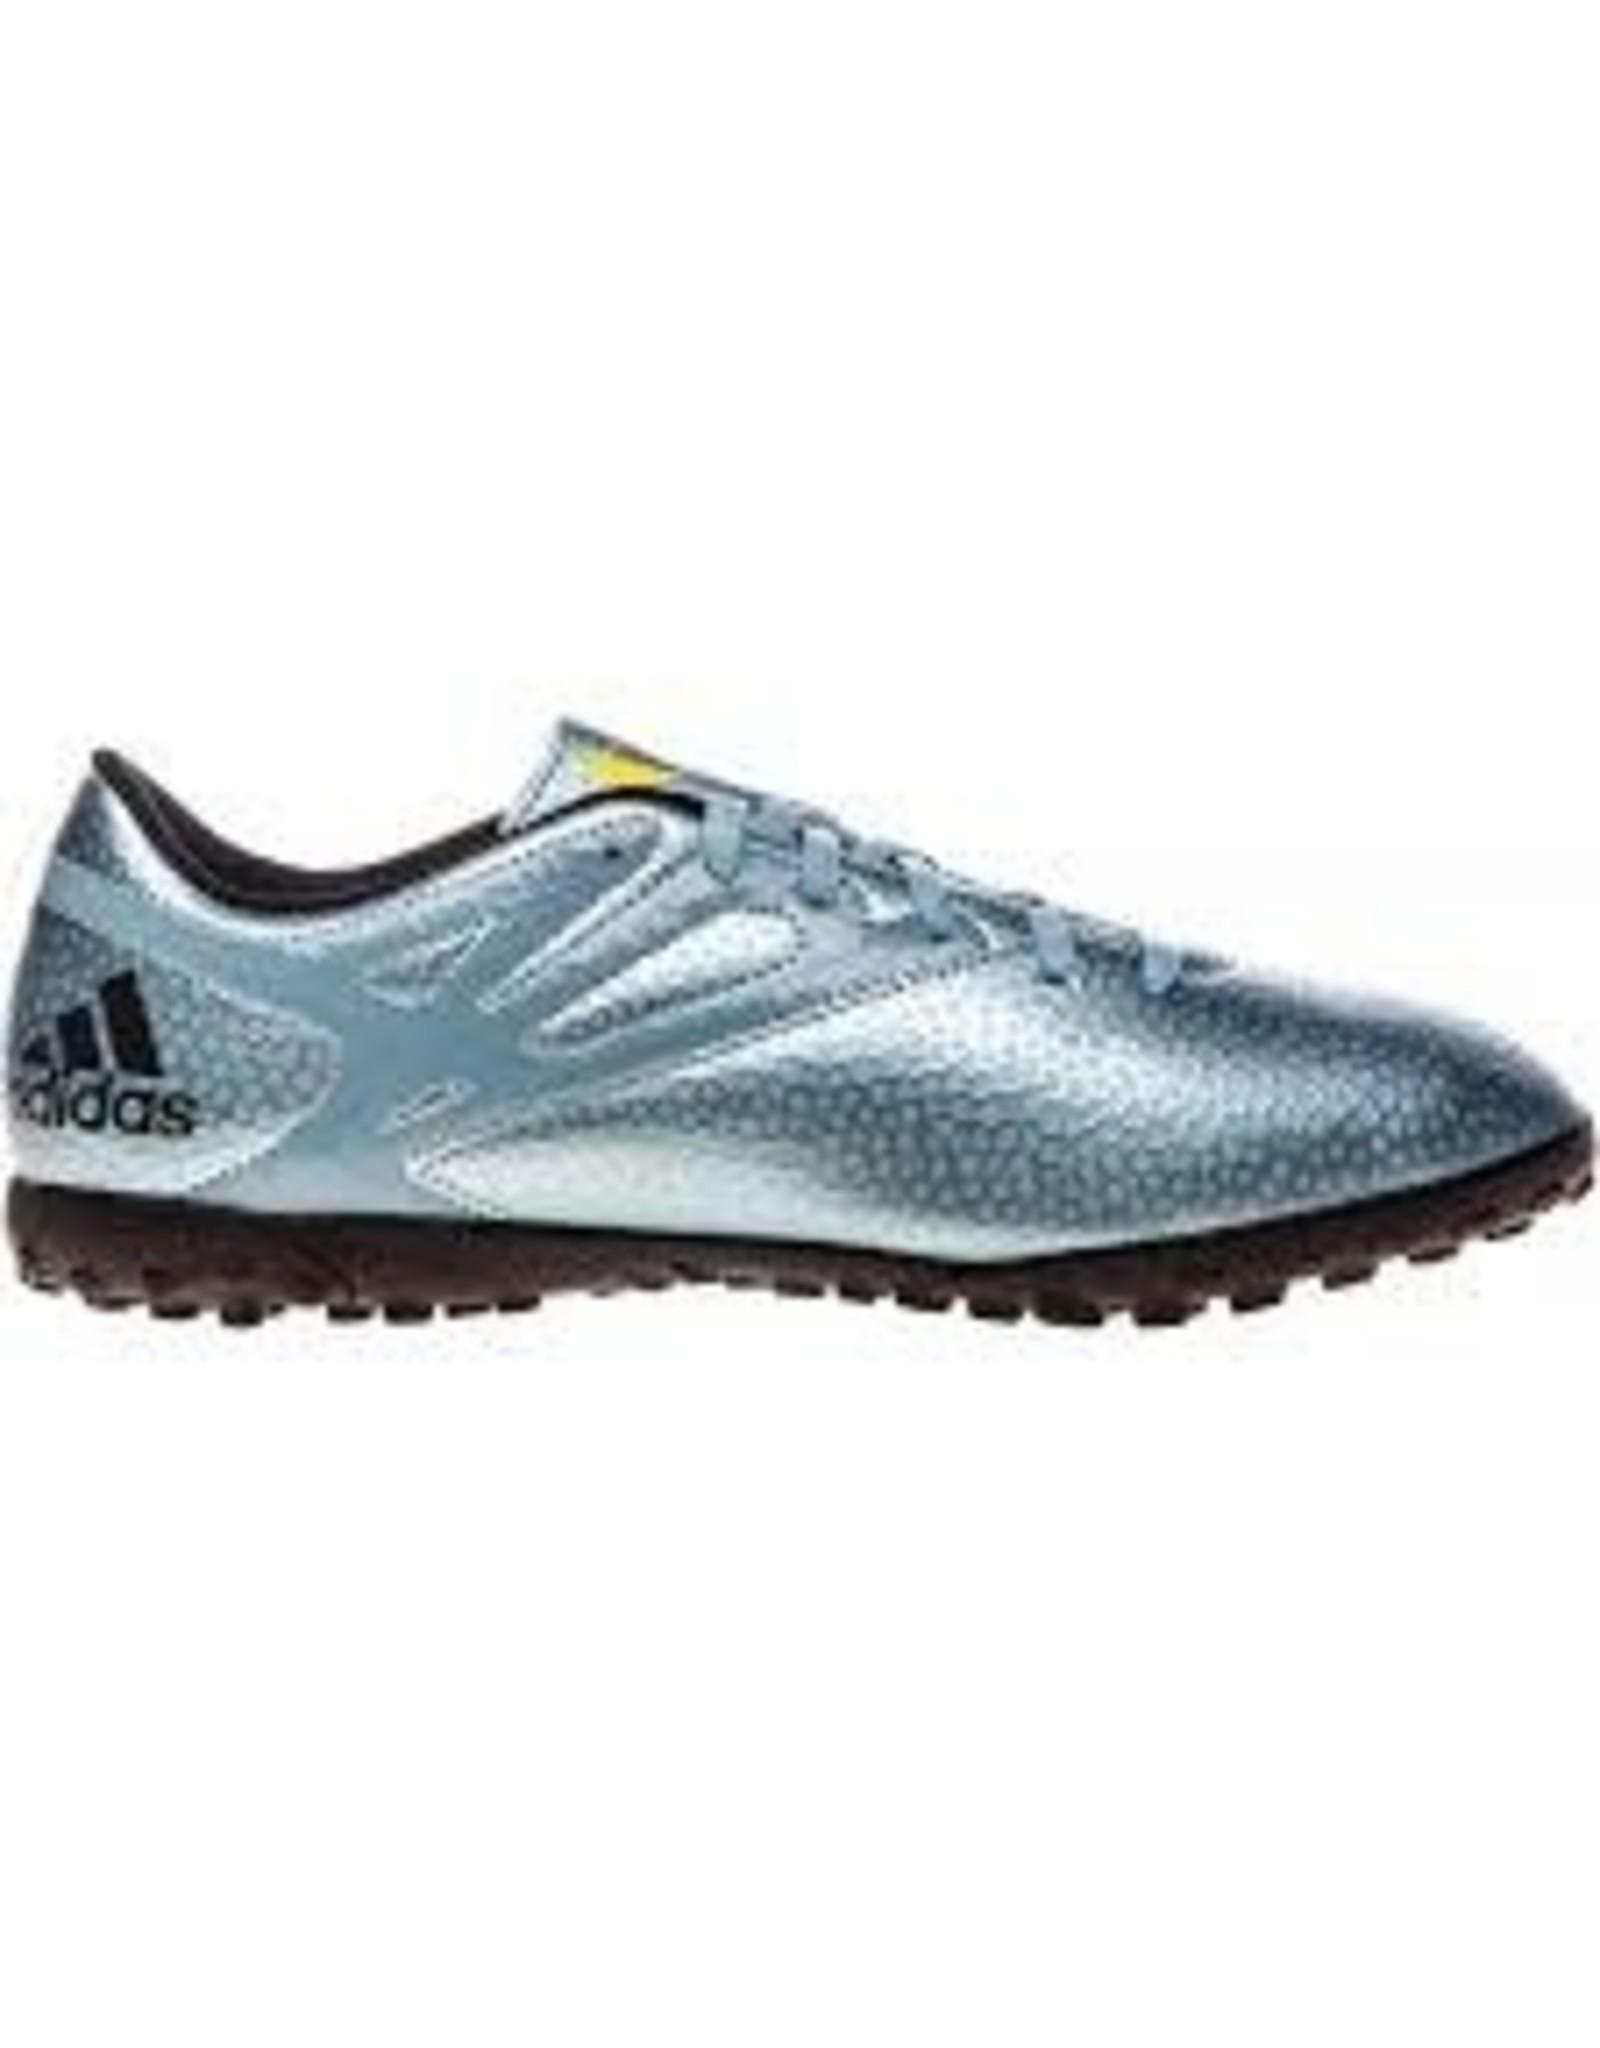 ironía Salvaje Gran Barrera de Coral  Adidas Adidas MESSI 15.4 TF Shoes (Blue/Black) - SoccerPlus